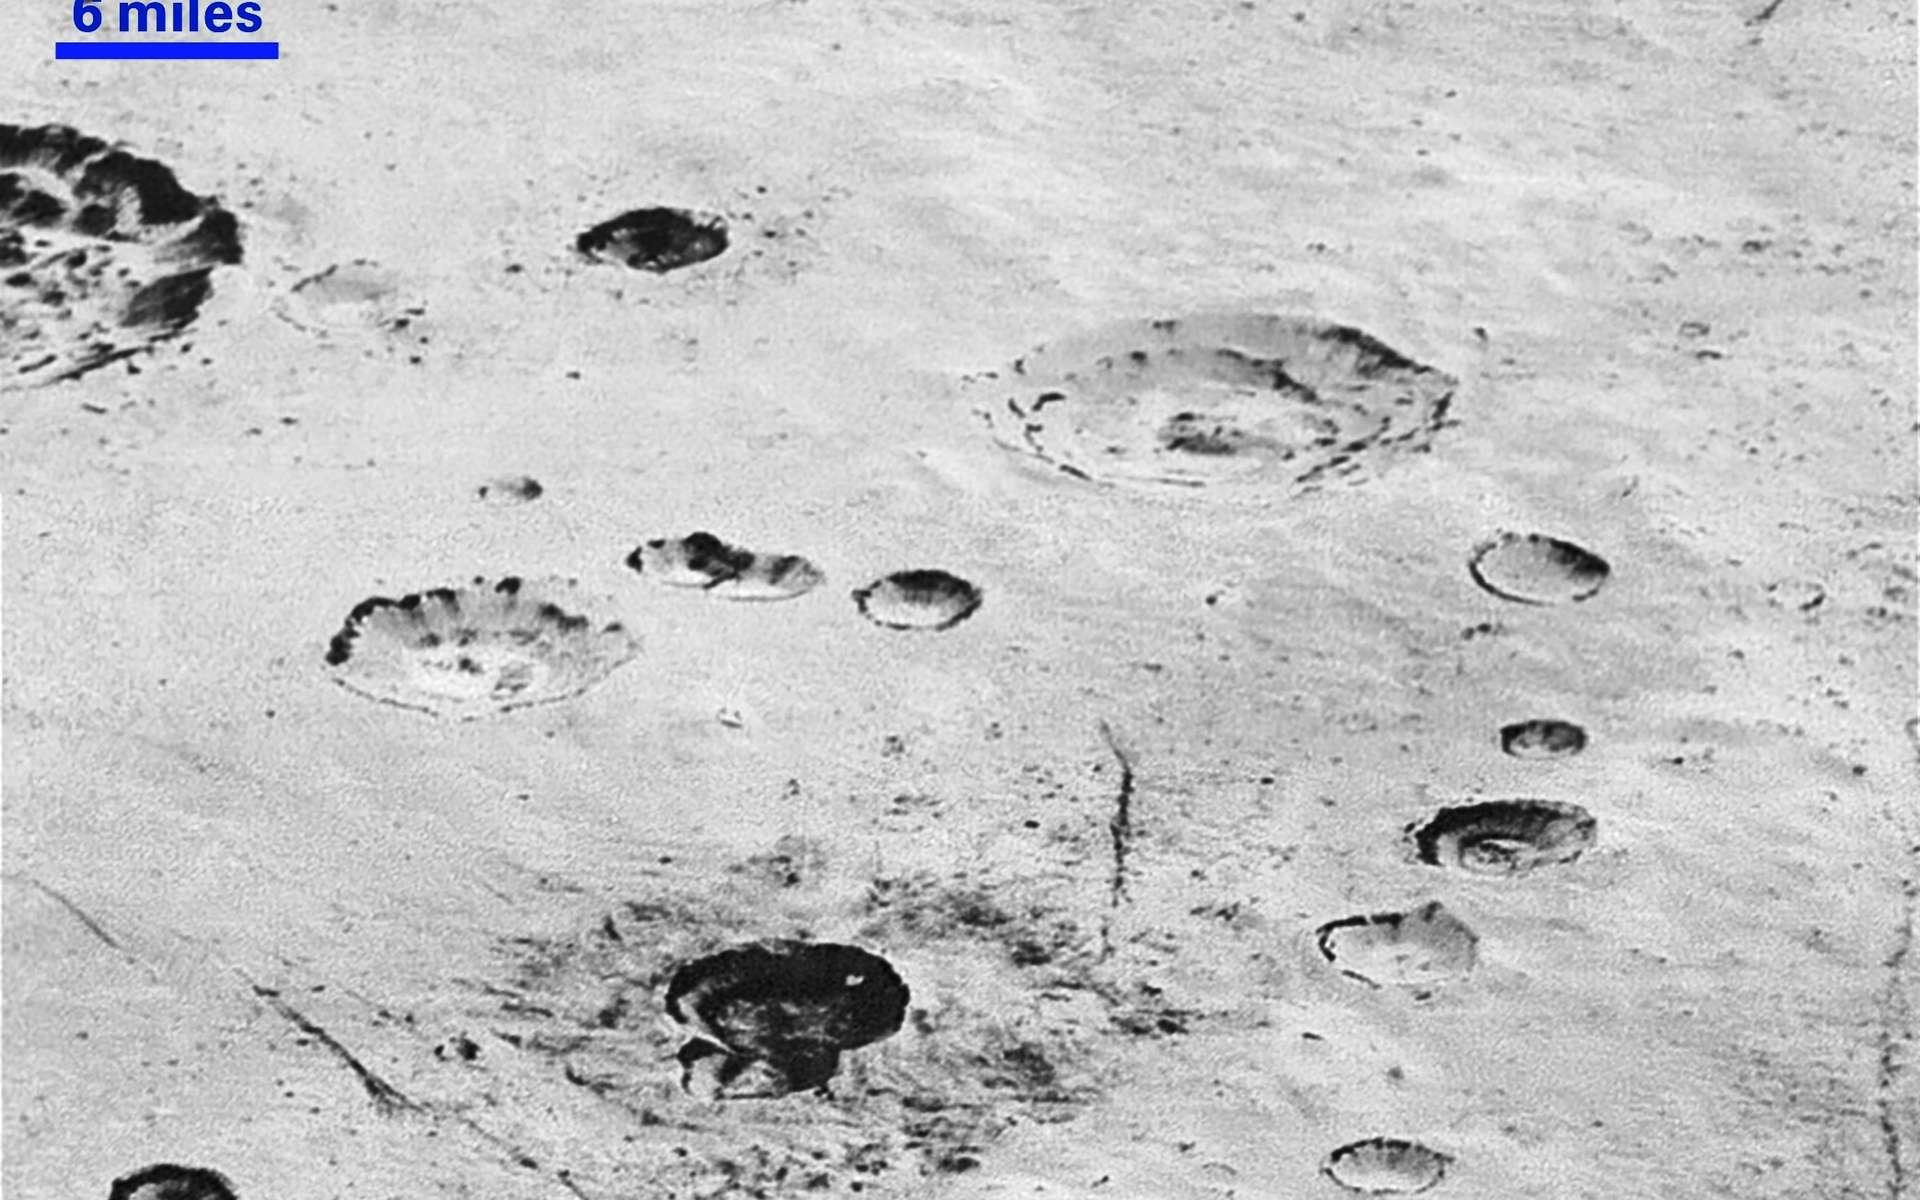 Cette image à haute résolution montre la structure stratifiée des parois de cratères d'une plaine glacée de Pluton. Sur Terre, elle indiquerait une activité géologique. Ici, il est difficile de dire s'il s'agit d'évènements locaux, régionaux ou globaux. Les structures linéaires sombres en bas de l'image pourraient trahir une tectonique. La majorité des cratères visibles se trouvent dans le bassin Burney, large d'environ 250 kilomètres (son nom honore Venetia Burney, l'écolière anglaise de 11 ans qui a proposé le nom de Pluton pour la nouvelle planète découverte en 1930). La barre en haut à gauche donne l'échelle : 6 miles correspondent à environ 9,6 kilomètres. © Nasa, JHUAPL, SwRI